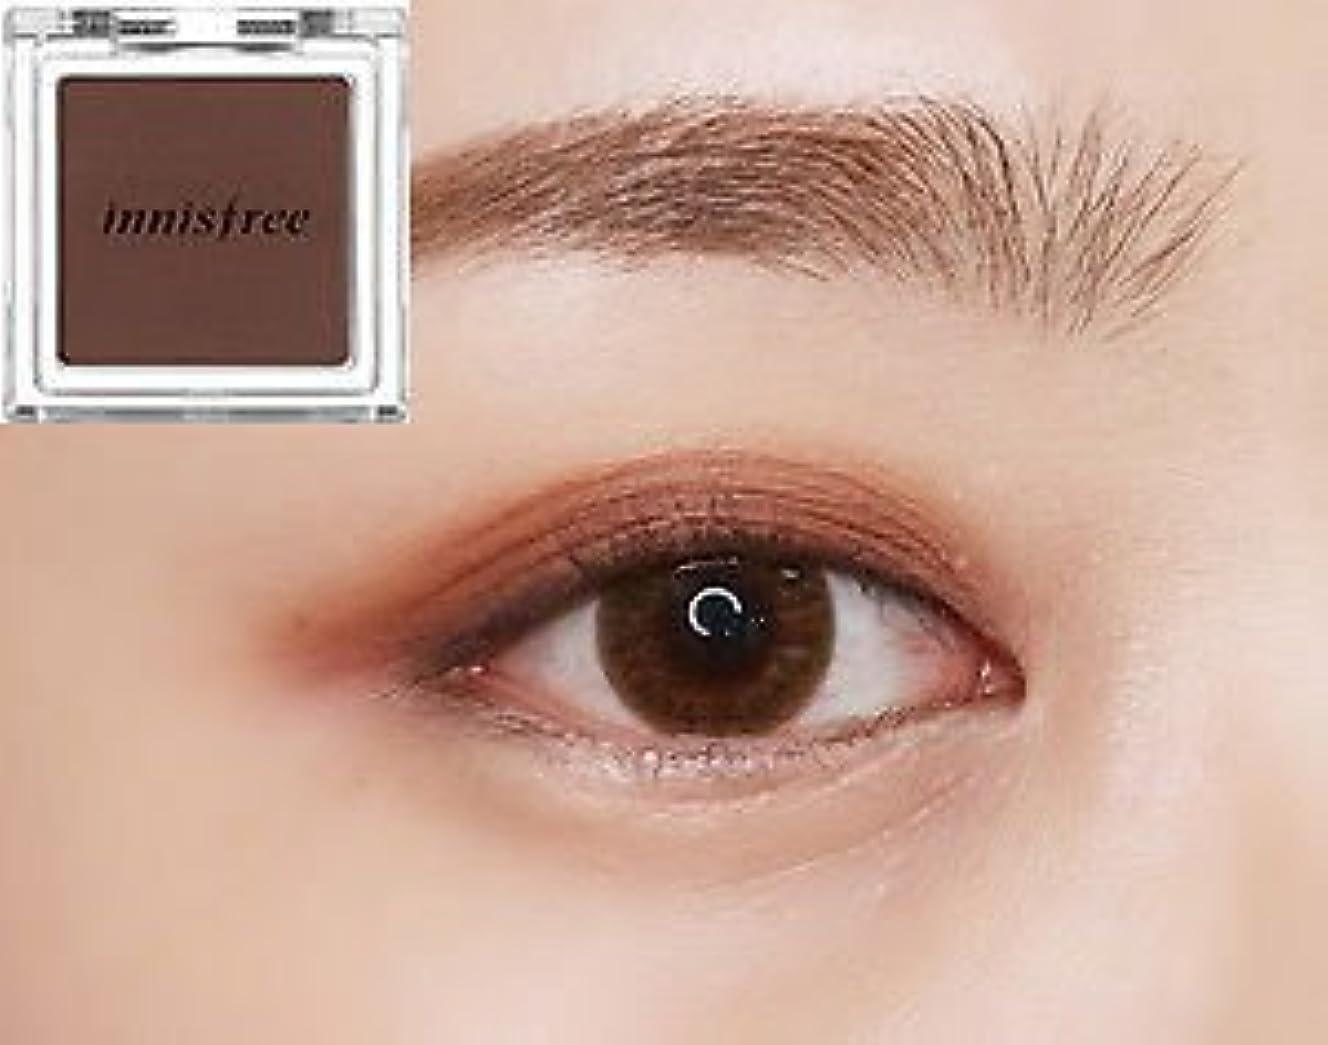 ヒープ足音定期的[イニスフリー] innisfree [マイ パレット マイ アイシャドウ (マット) 40カラー] MY PALETTE My Eyeshadow (Matte) 40 Shades [海外直送品] (マット #15)